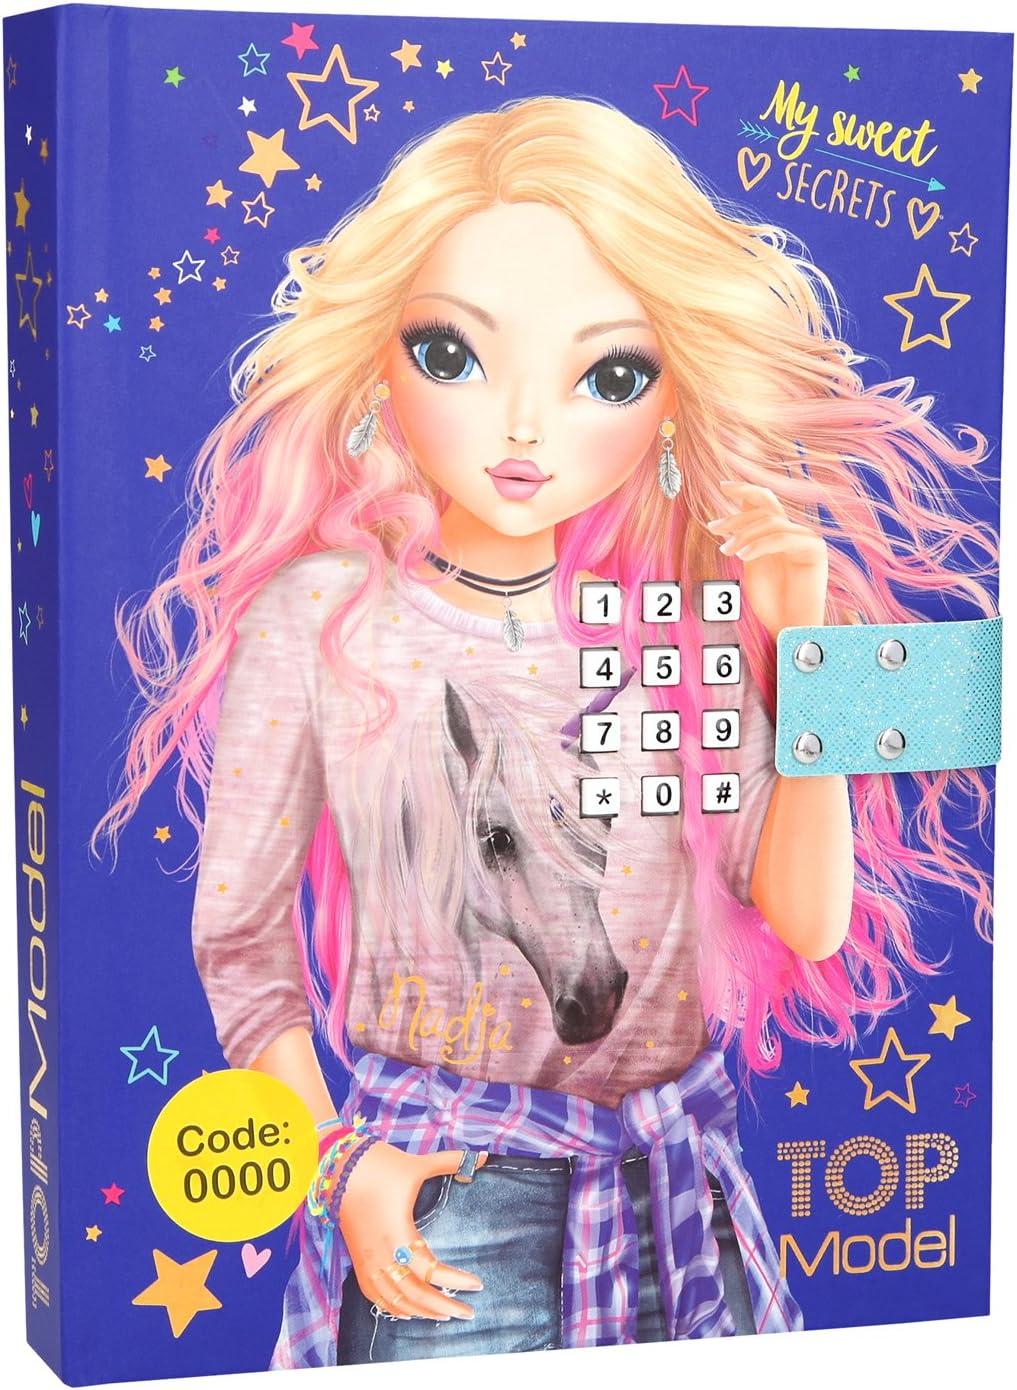 Tagebuch Top Model mit Sound und CodeTop Model Tagebuch mit Code Depesche